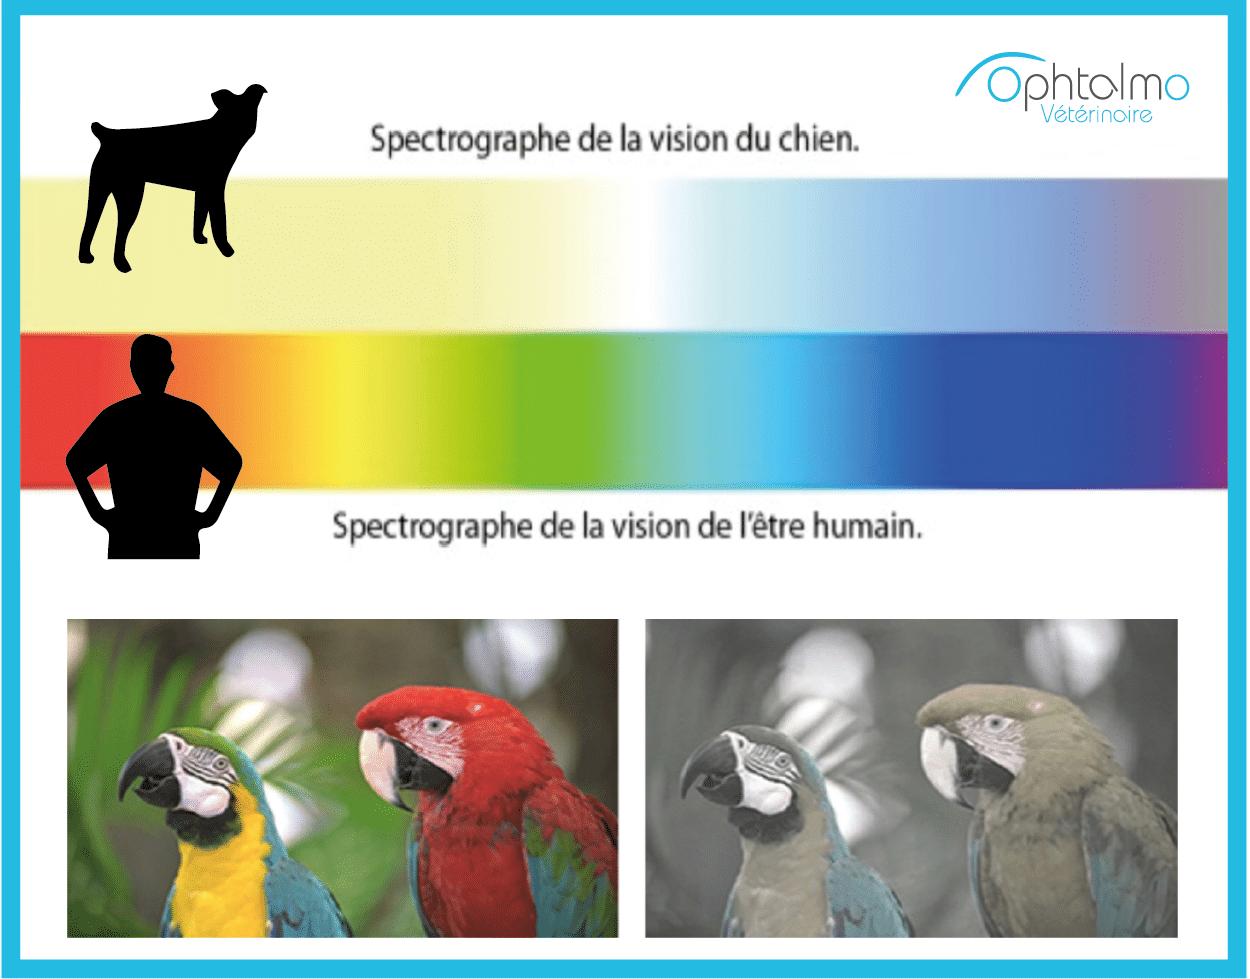 vision chien, homme, couleur, spectrographe